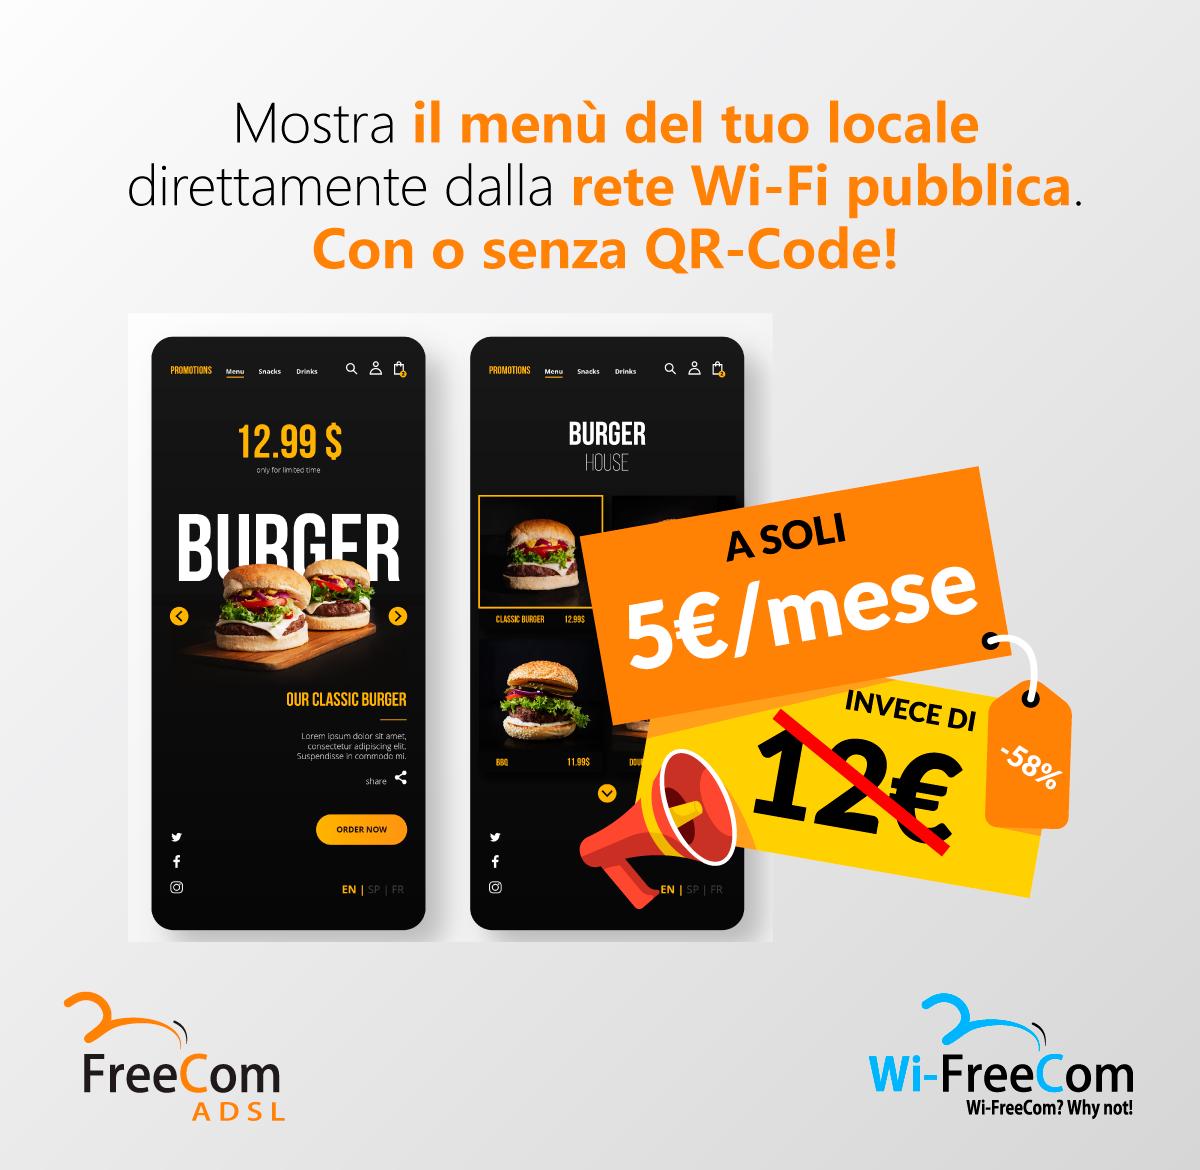 Mostra il menù del tuo locale direttamente dalla rete Wi-Fi pubblica. CON O SENZA QR-CODE!